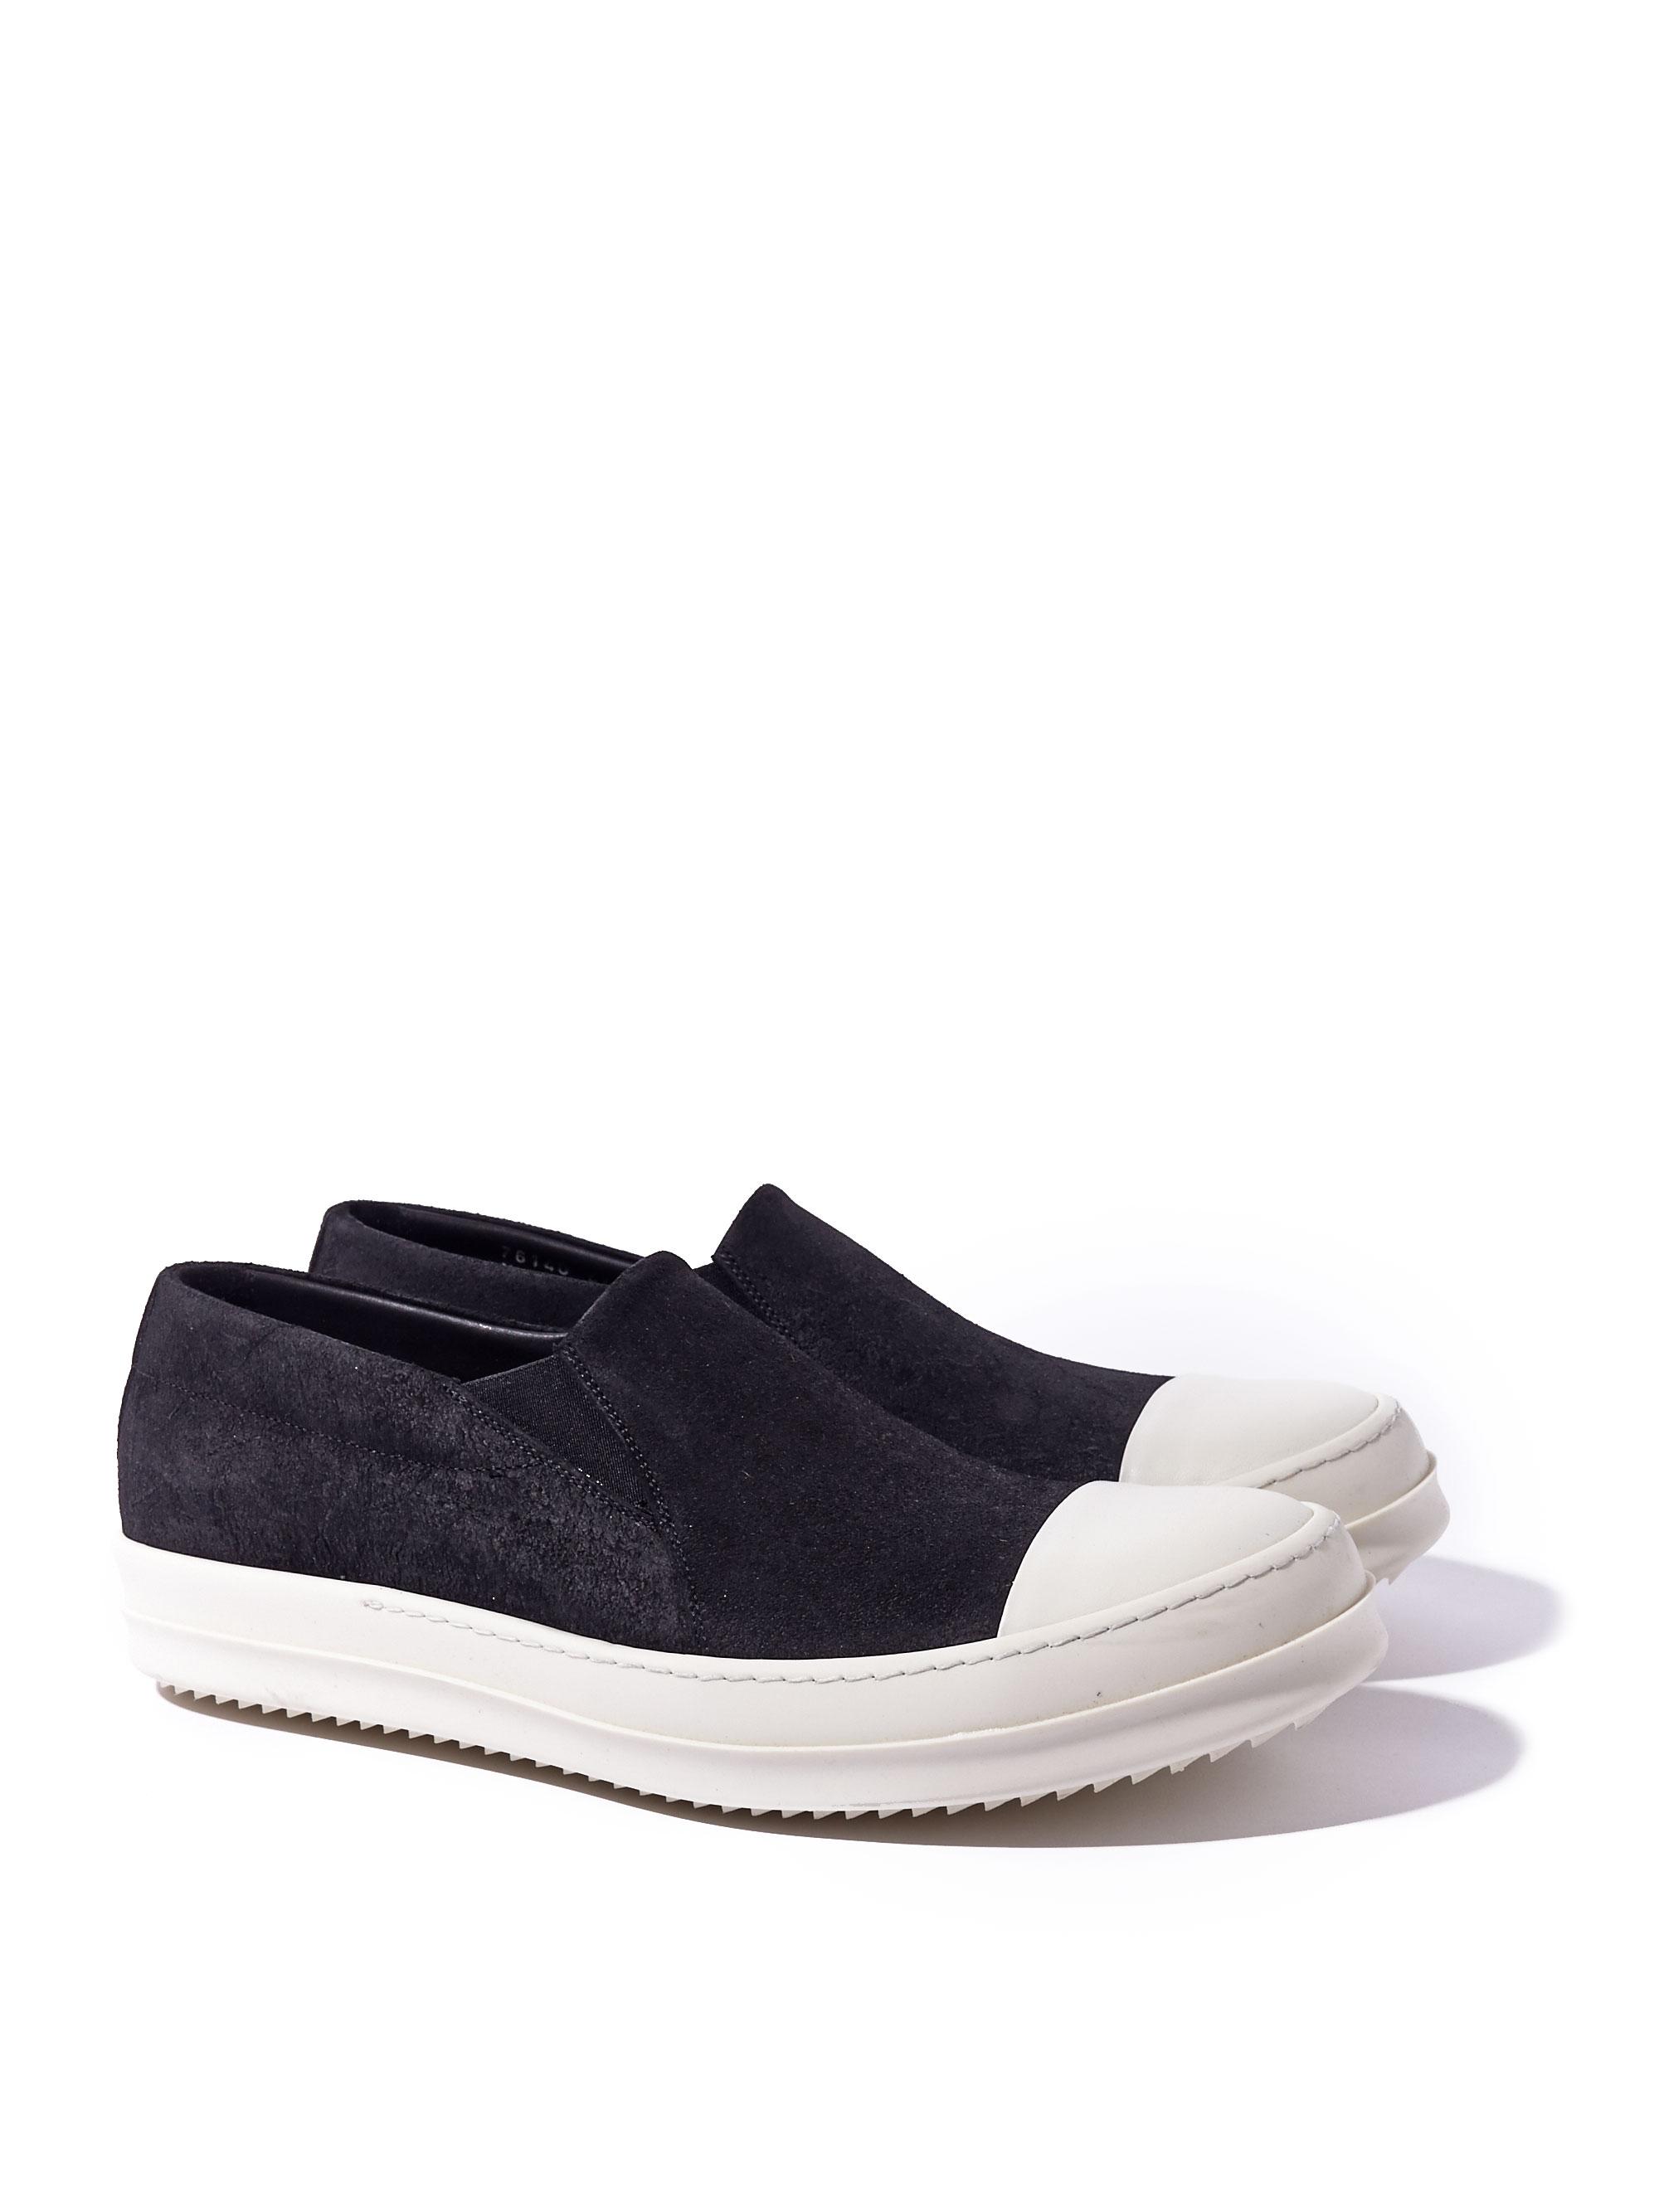 Black Suede Boat Slip-On Sneakers Rick Owens wL6SLAq